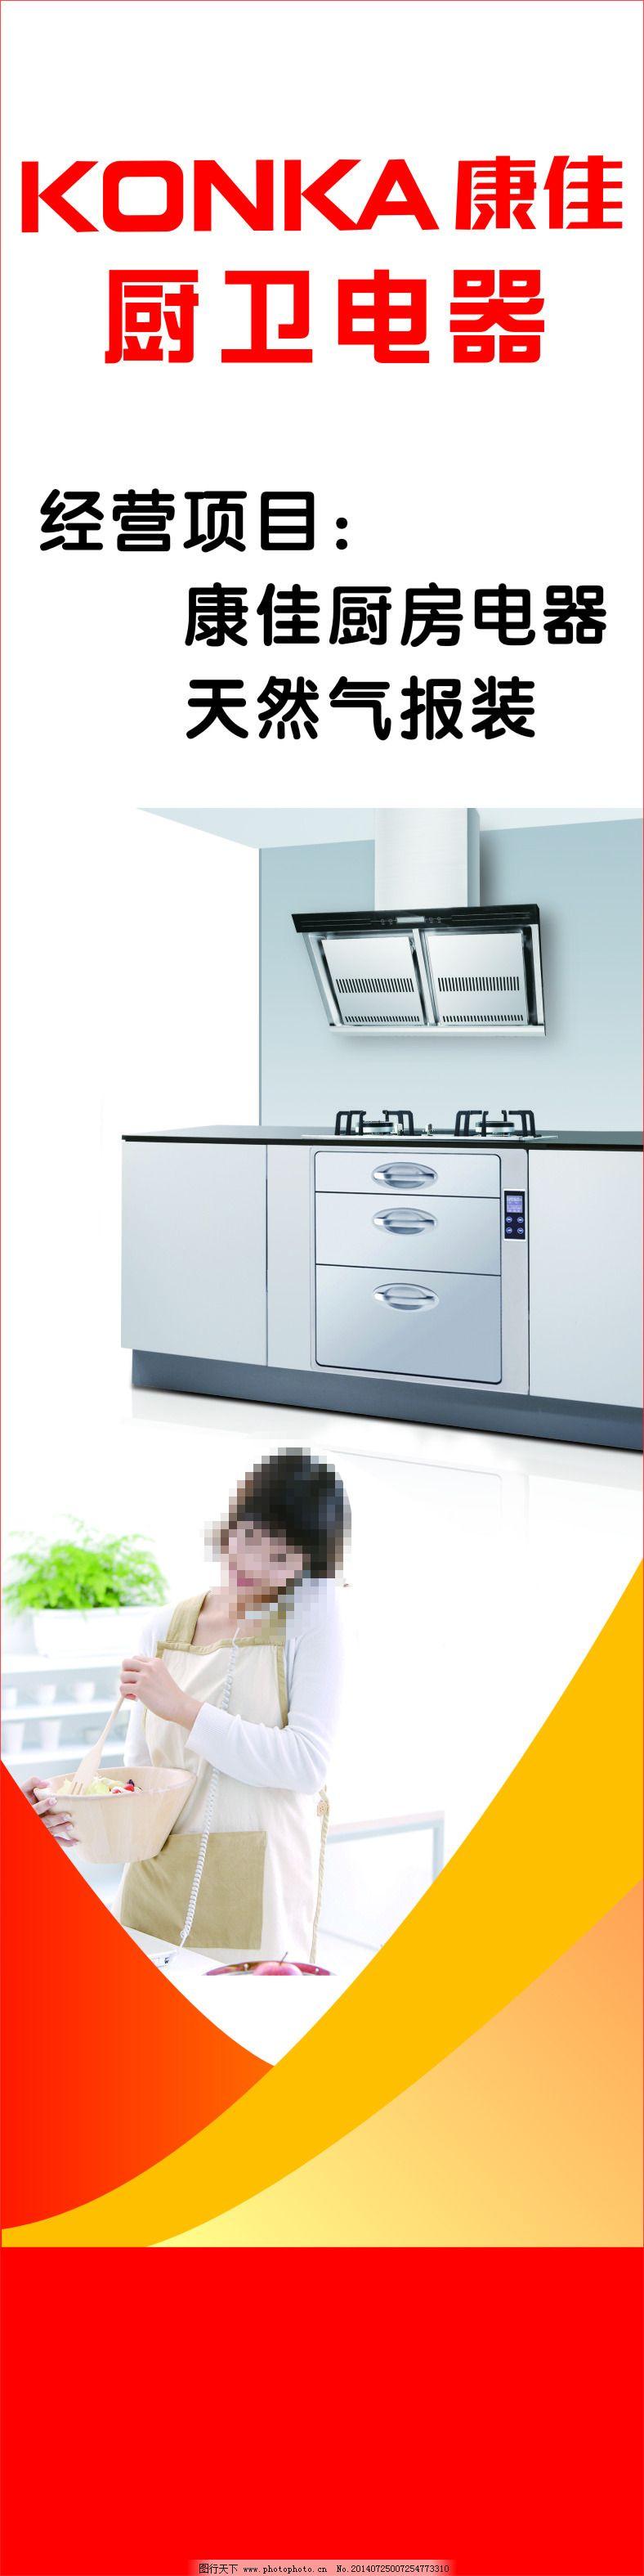 康佳厨卫 康佳厨卫免费下载 厨卫电器 海报